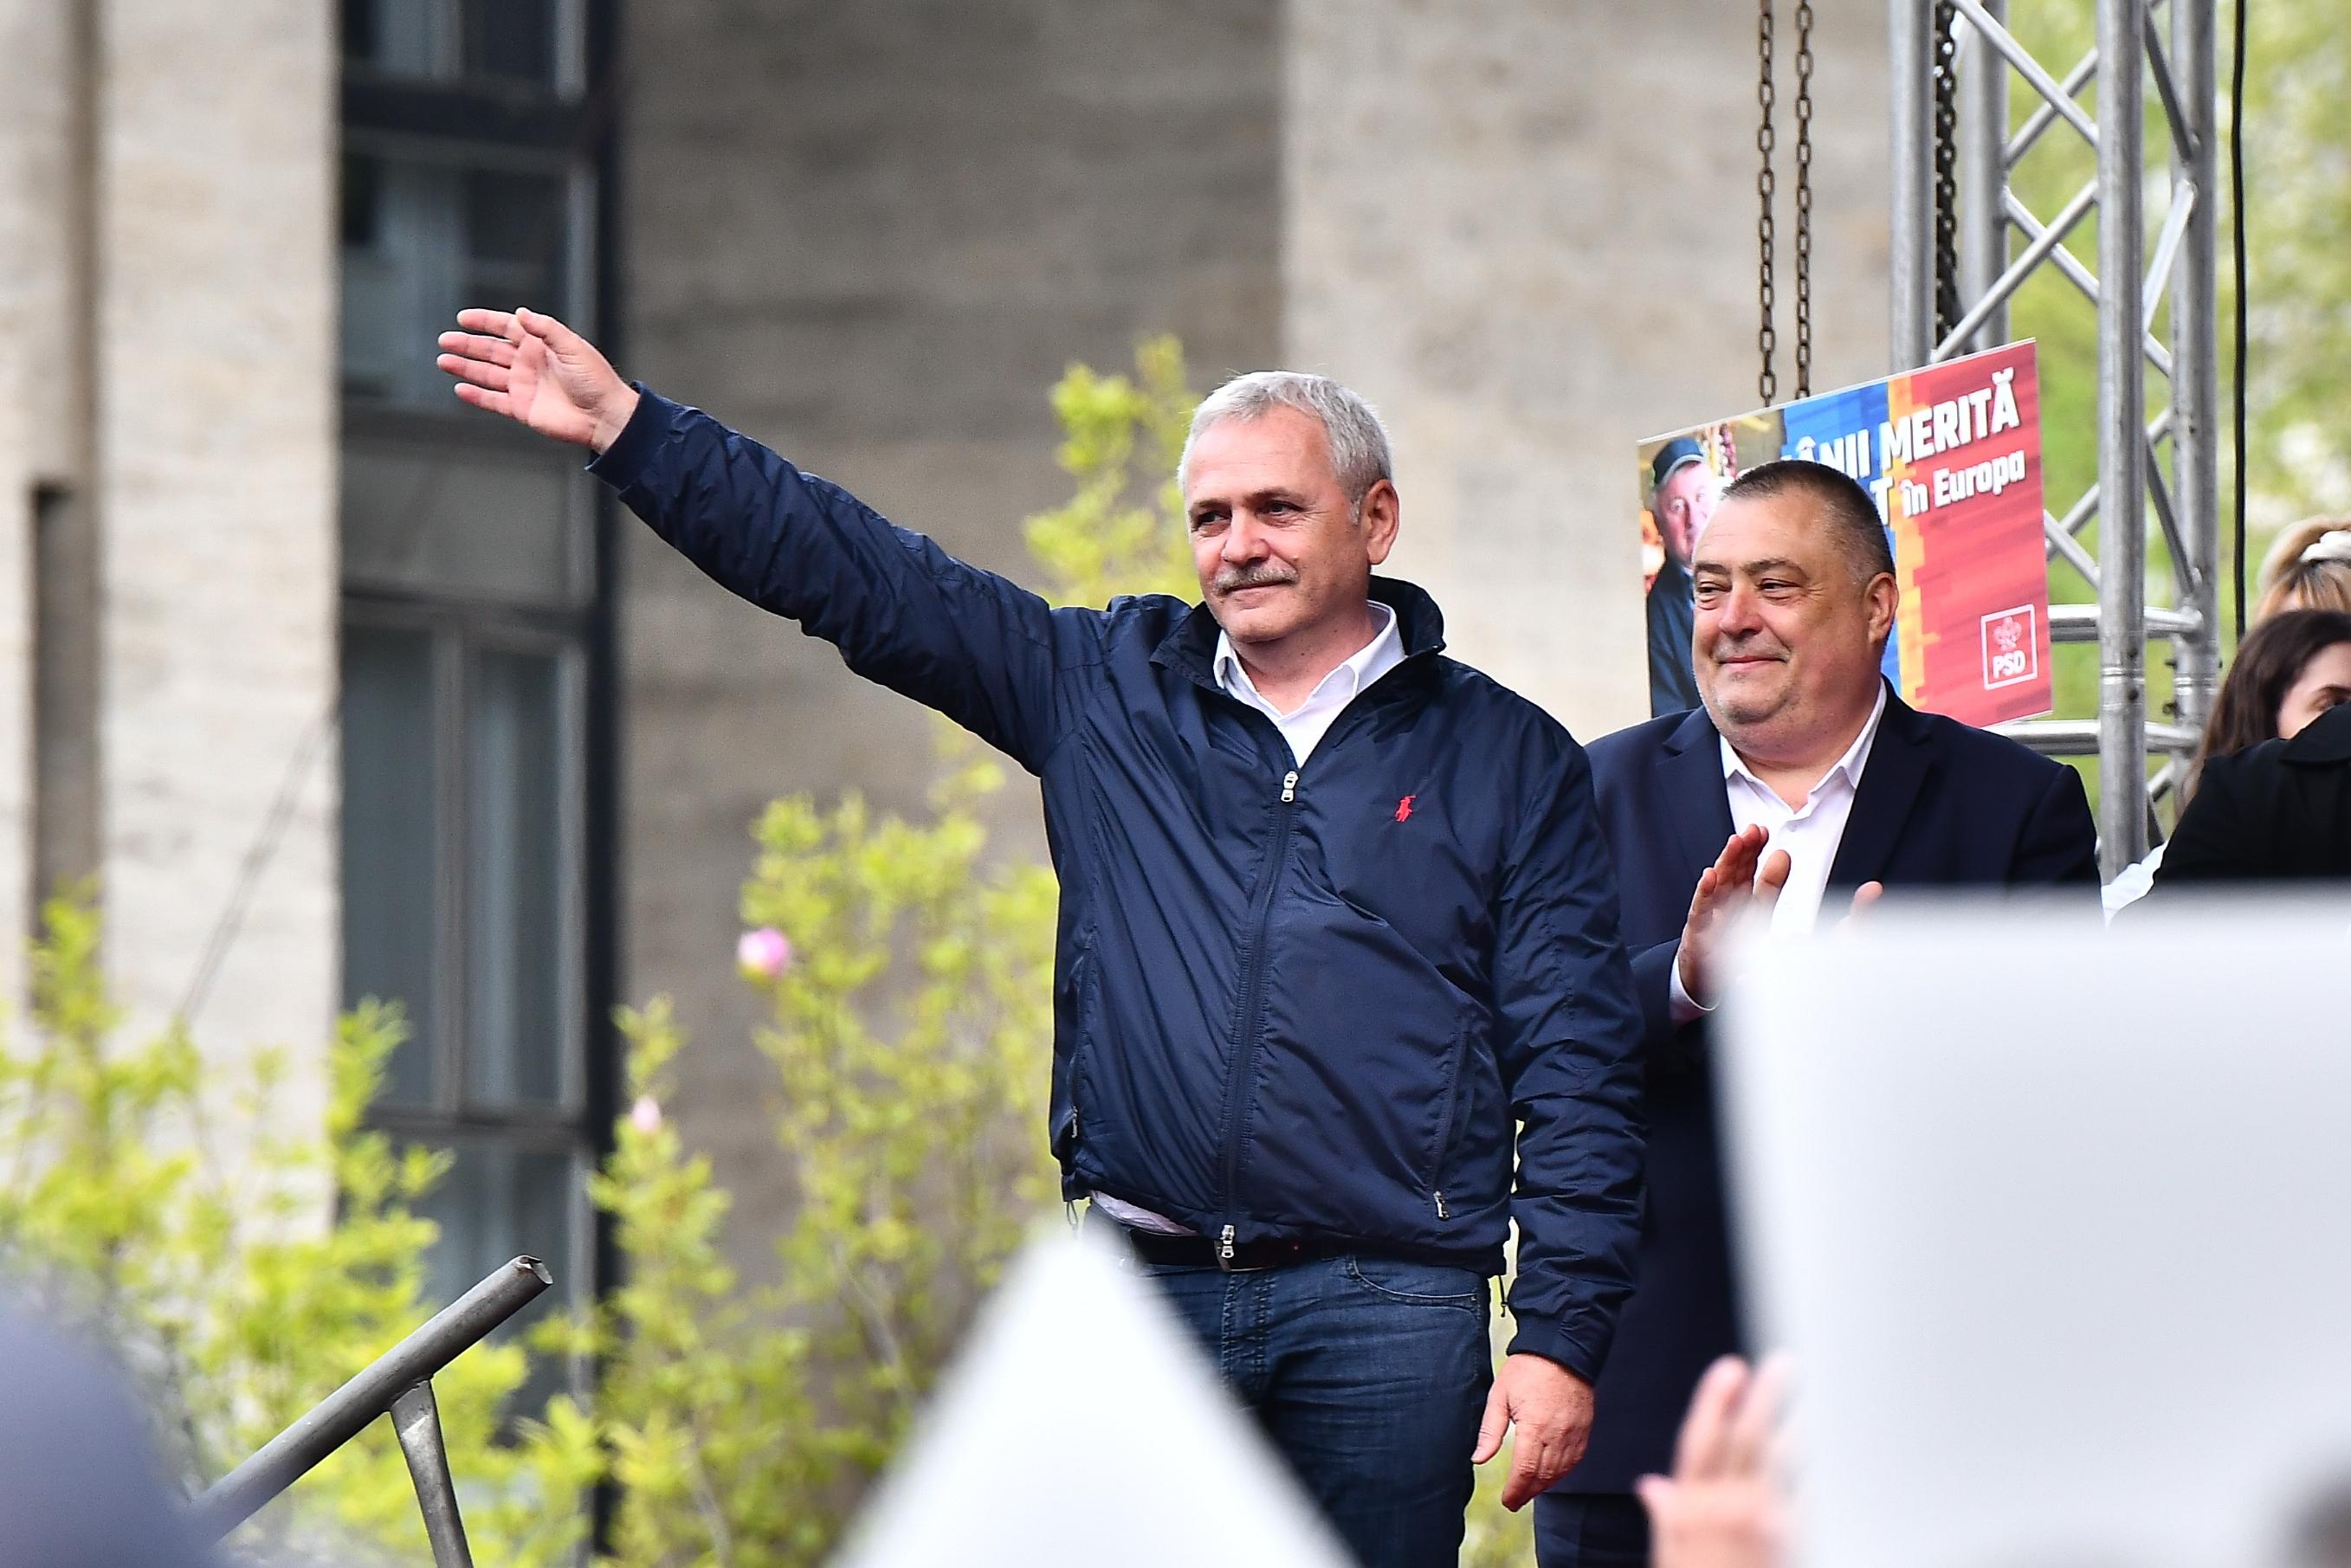 PSD a anulat cel mai mare miting de campanie. Codrin Ştefănescu explică motivele pentru care partidul lui Dragnea ocoleşte Capitala